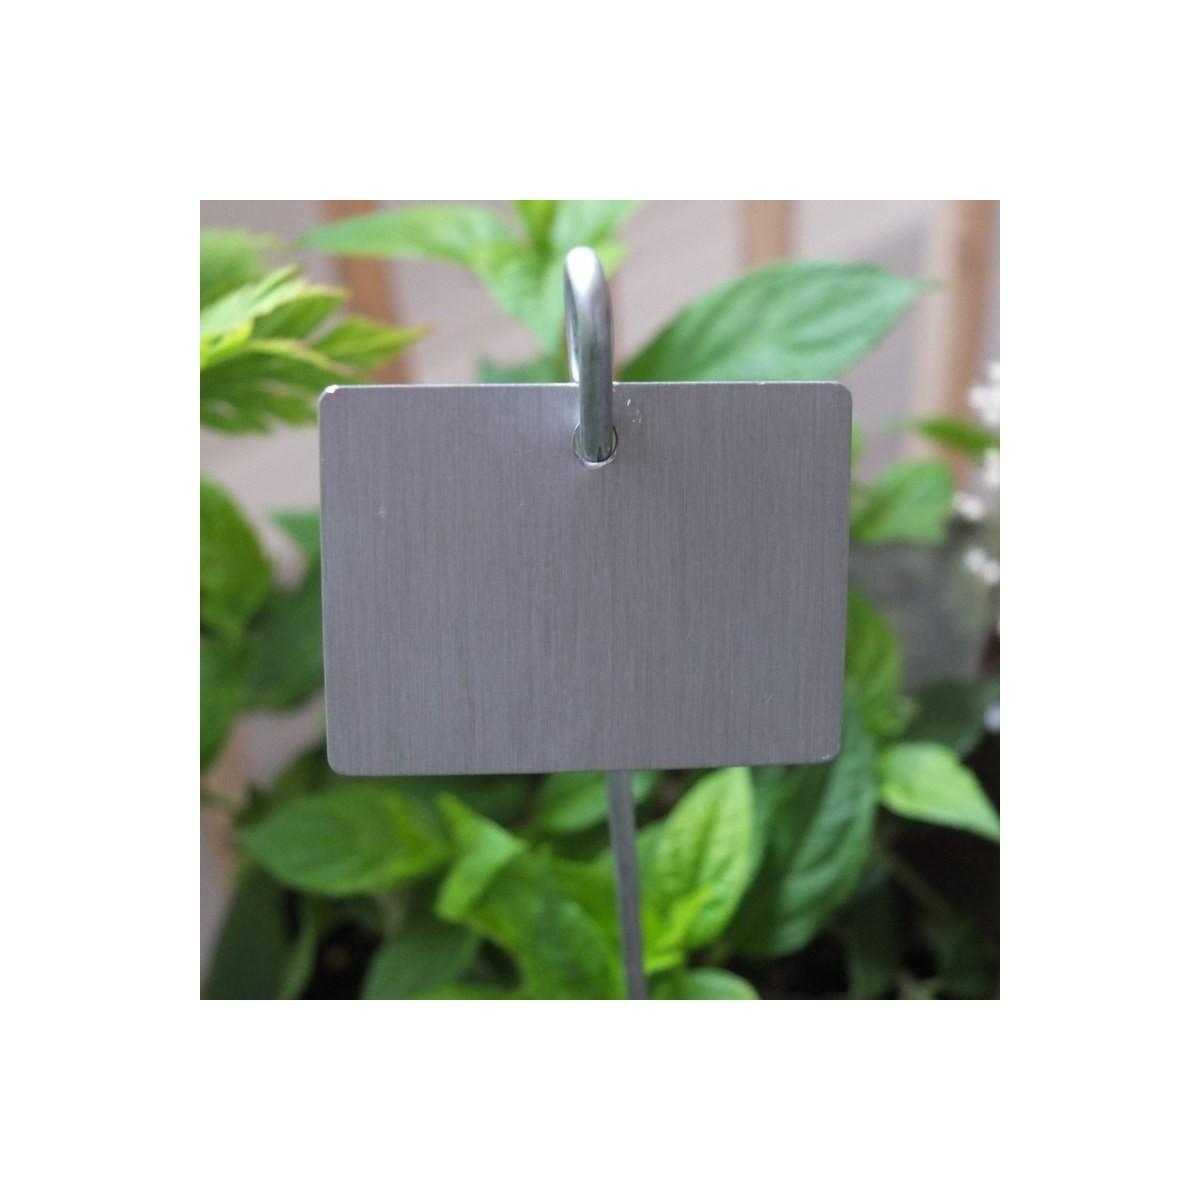 etiquette zinc jardin achat vente etiquettes de jardin etiquettes en zinc botanique editions. Black Bedroom Furniture Sets. Home Design Ideas